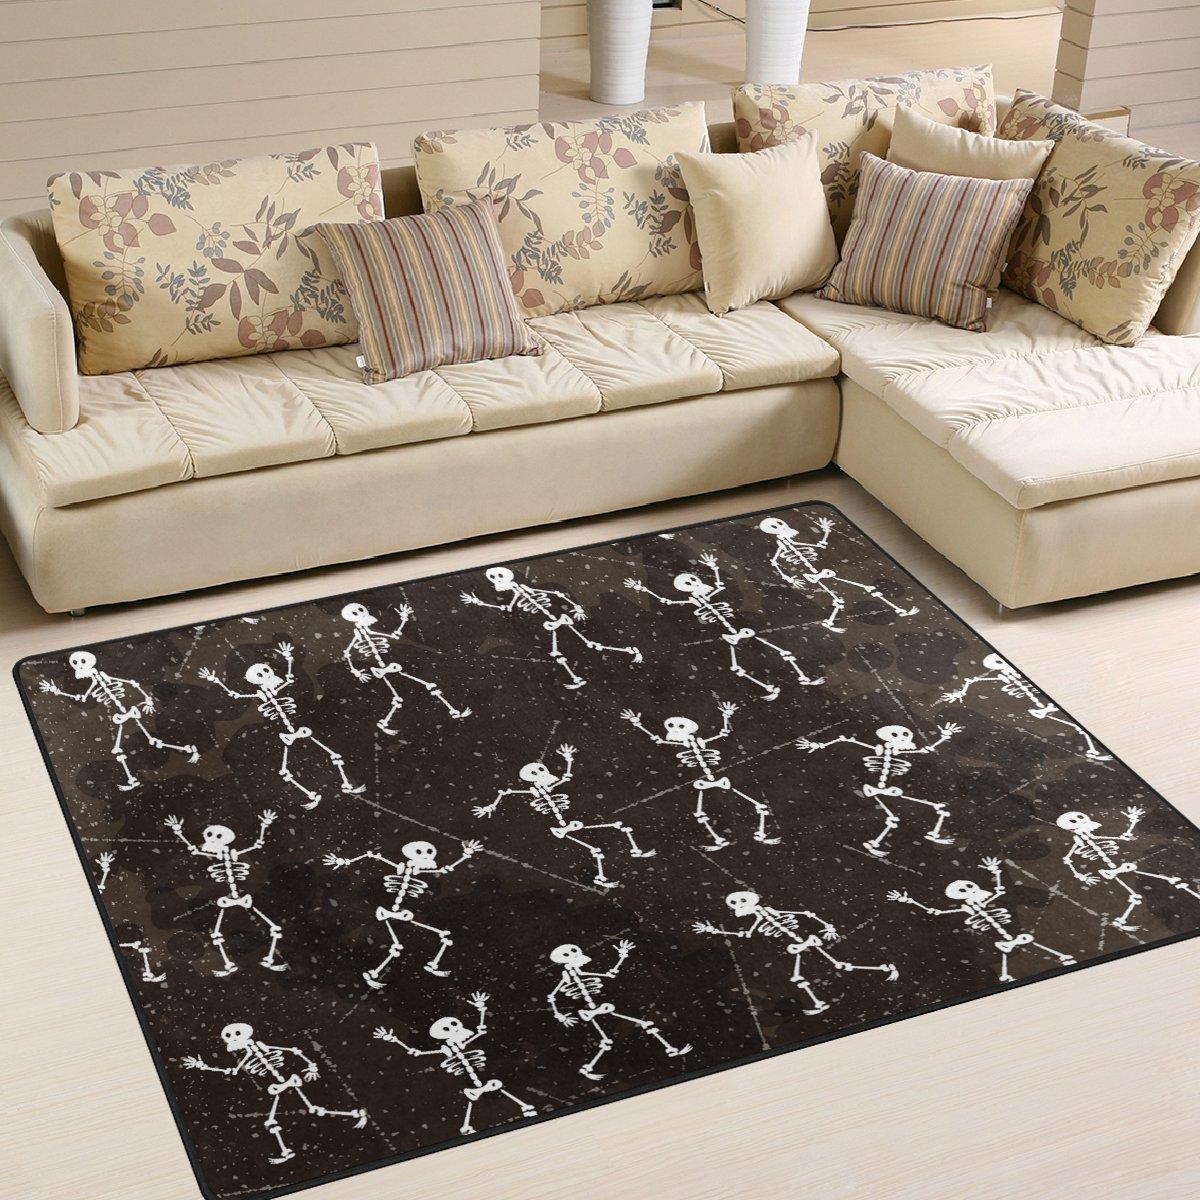 YZGO Dia De Los Muertos Skeleton Party Kids Area Rug, Non-Slip Floor Mat Soft Resting Area Doormats for Living Dining Bedroom 5' x 7'